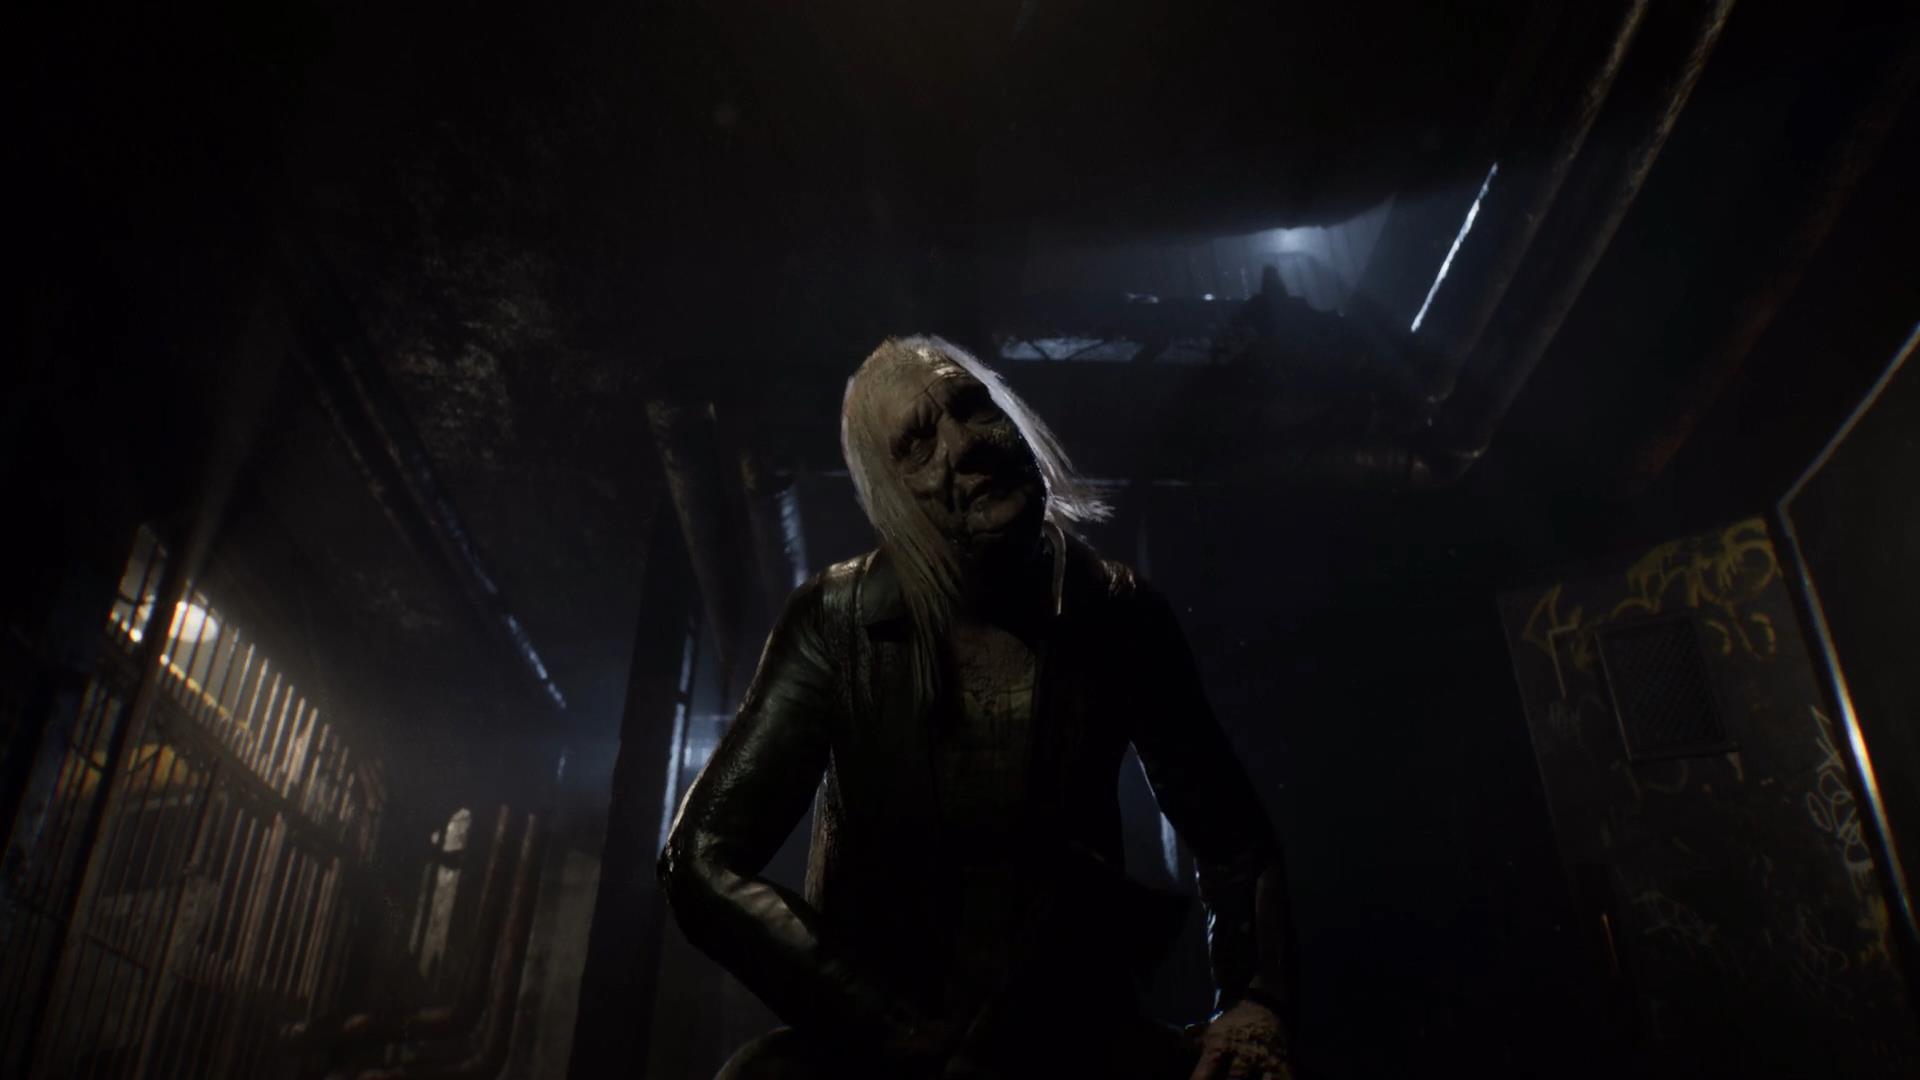 恐怖游戏《恐怖妄想》新预告 女性怪物身材真好